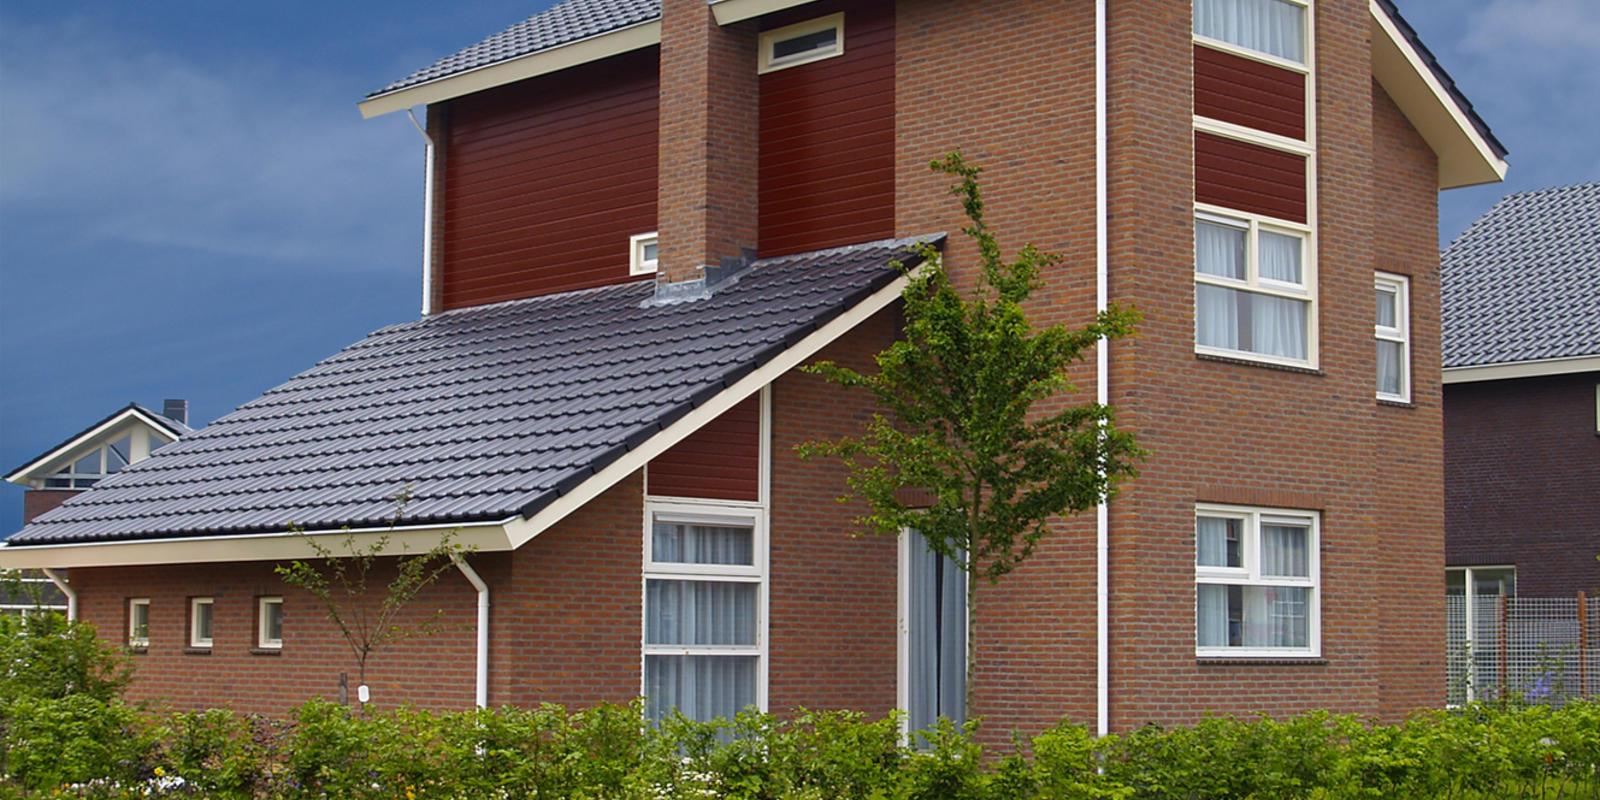 Vrijstaande woning uitbouwen aanbouw vrijstaand huis for Prijzen nieuwbouw vrijstaande woning